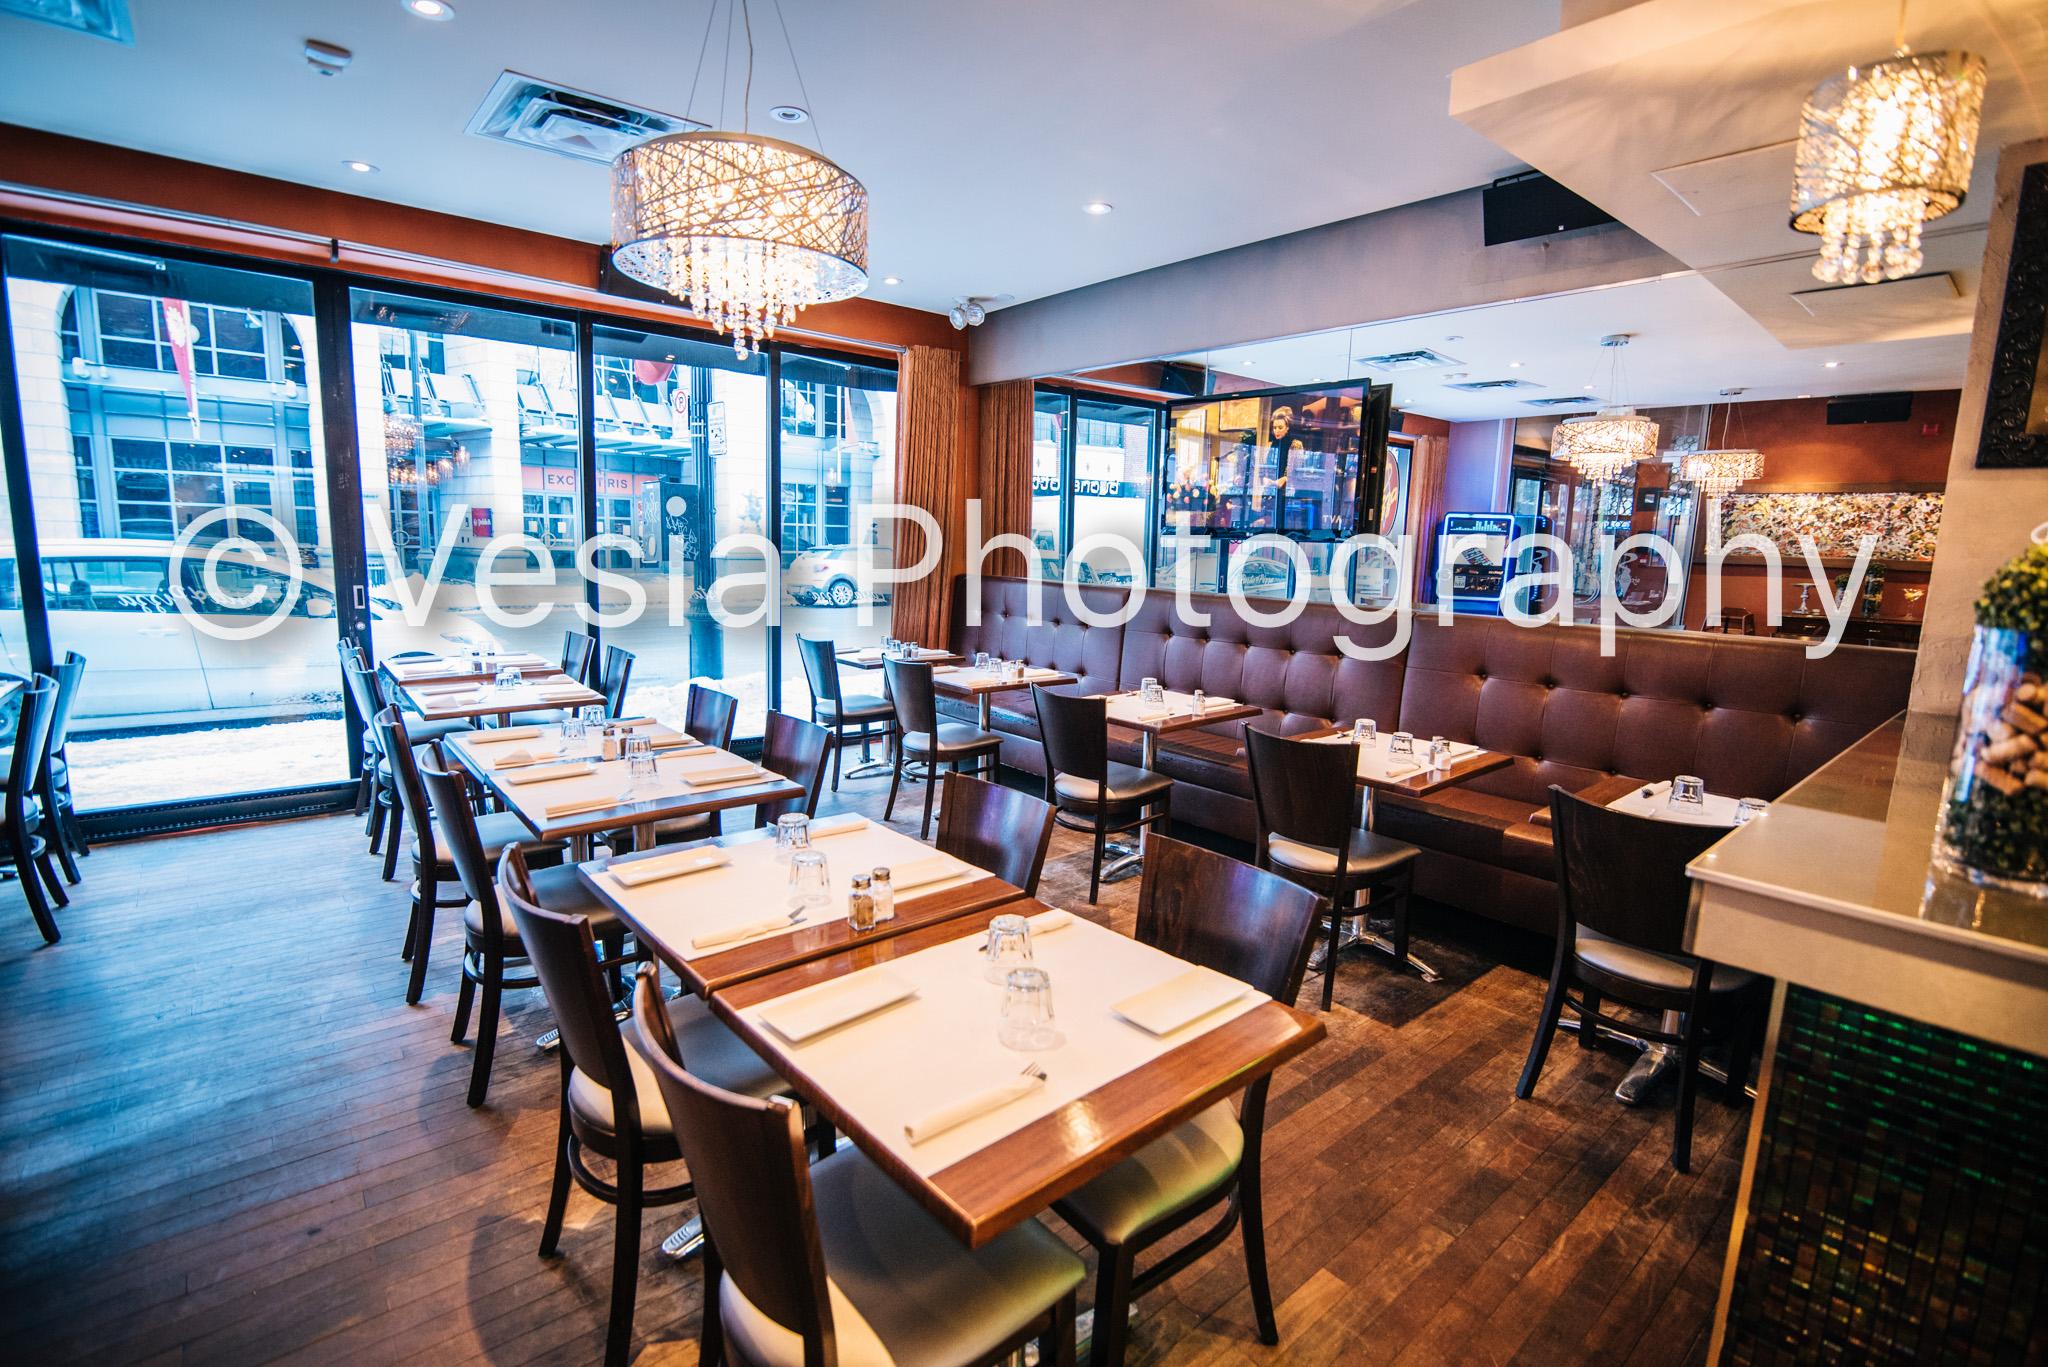 Cafe Maurizio_Proofs-5.jpg